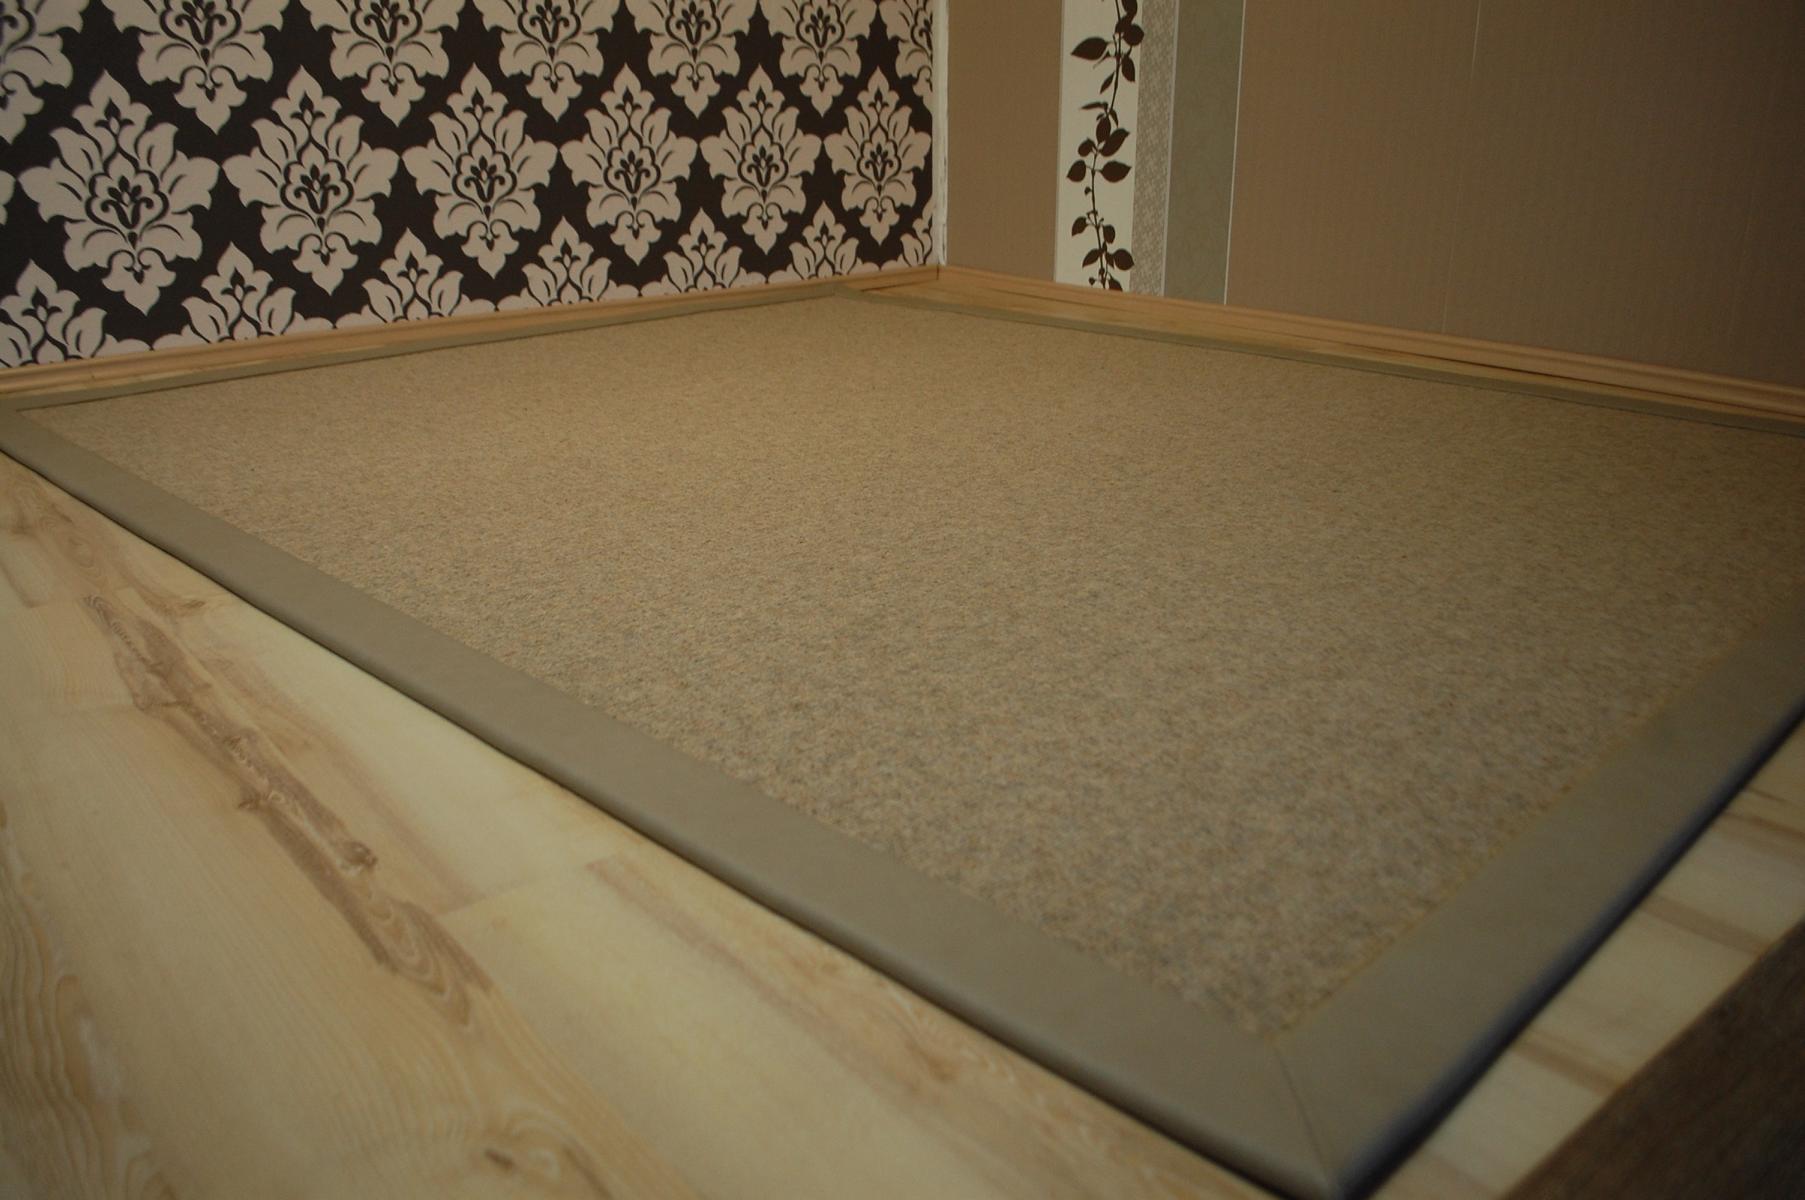 teppich tretford 555 kunstleder bord re 200x250 cm ebay. Black Bedroom Furniture Sets. Home Design Ideas